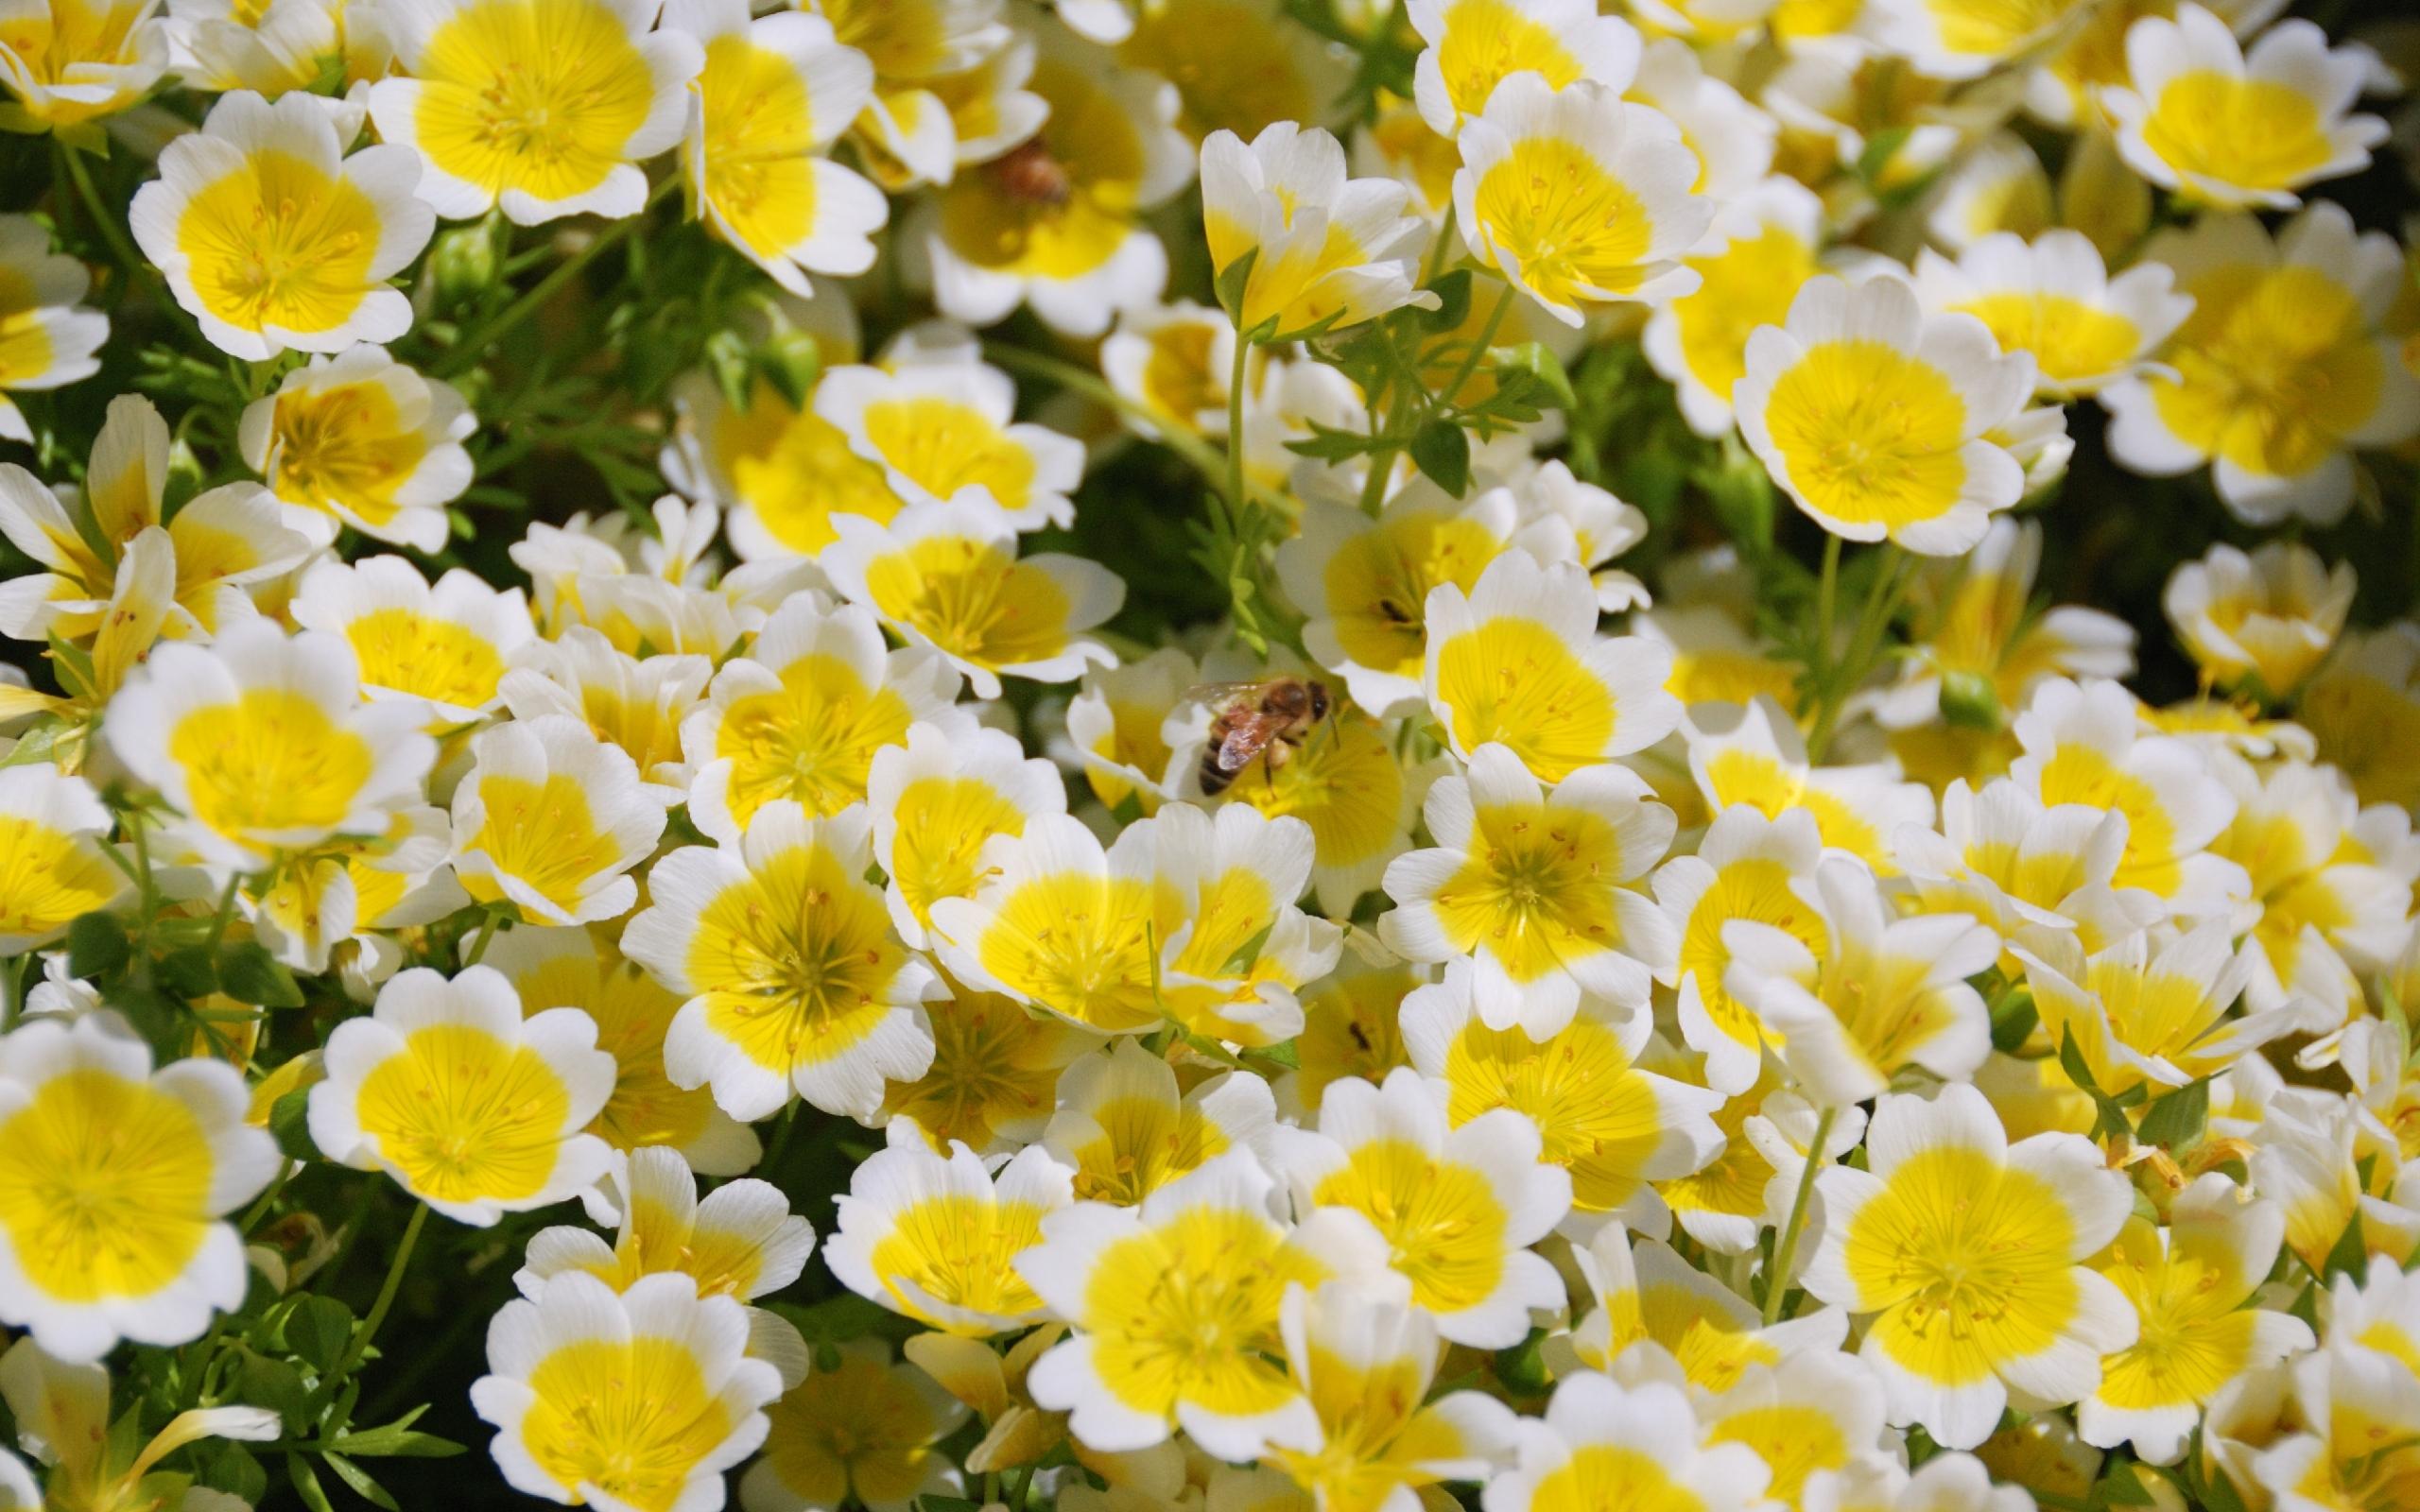 40436 Hintergrundbild herunterladen Insekten, Bienen - Bildschirmschoner und Bilder kostenlos